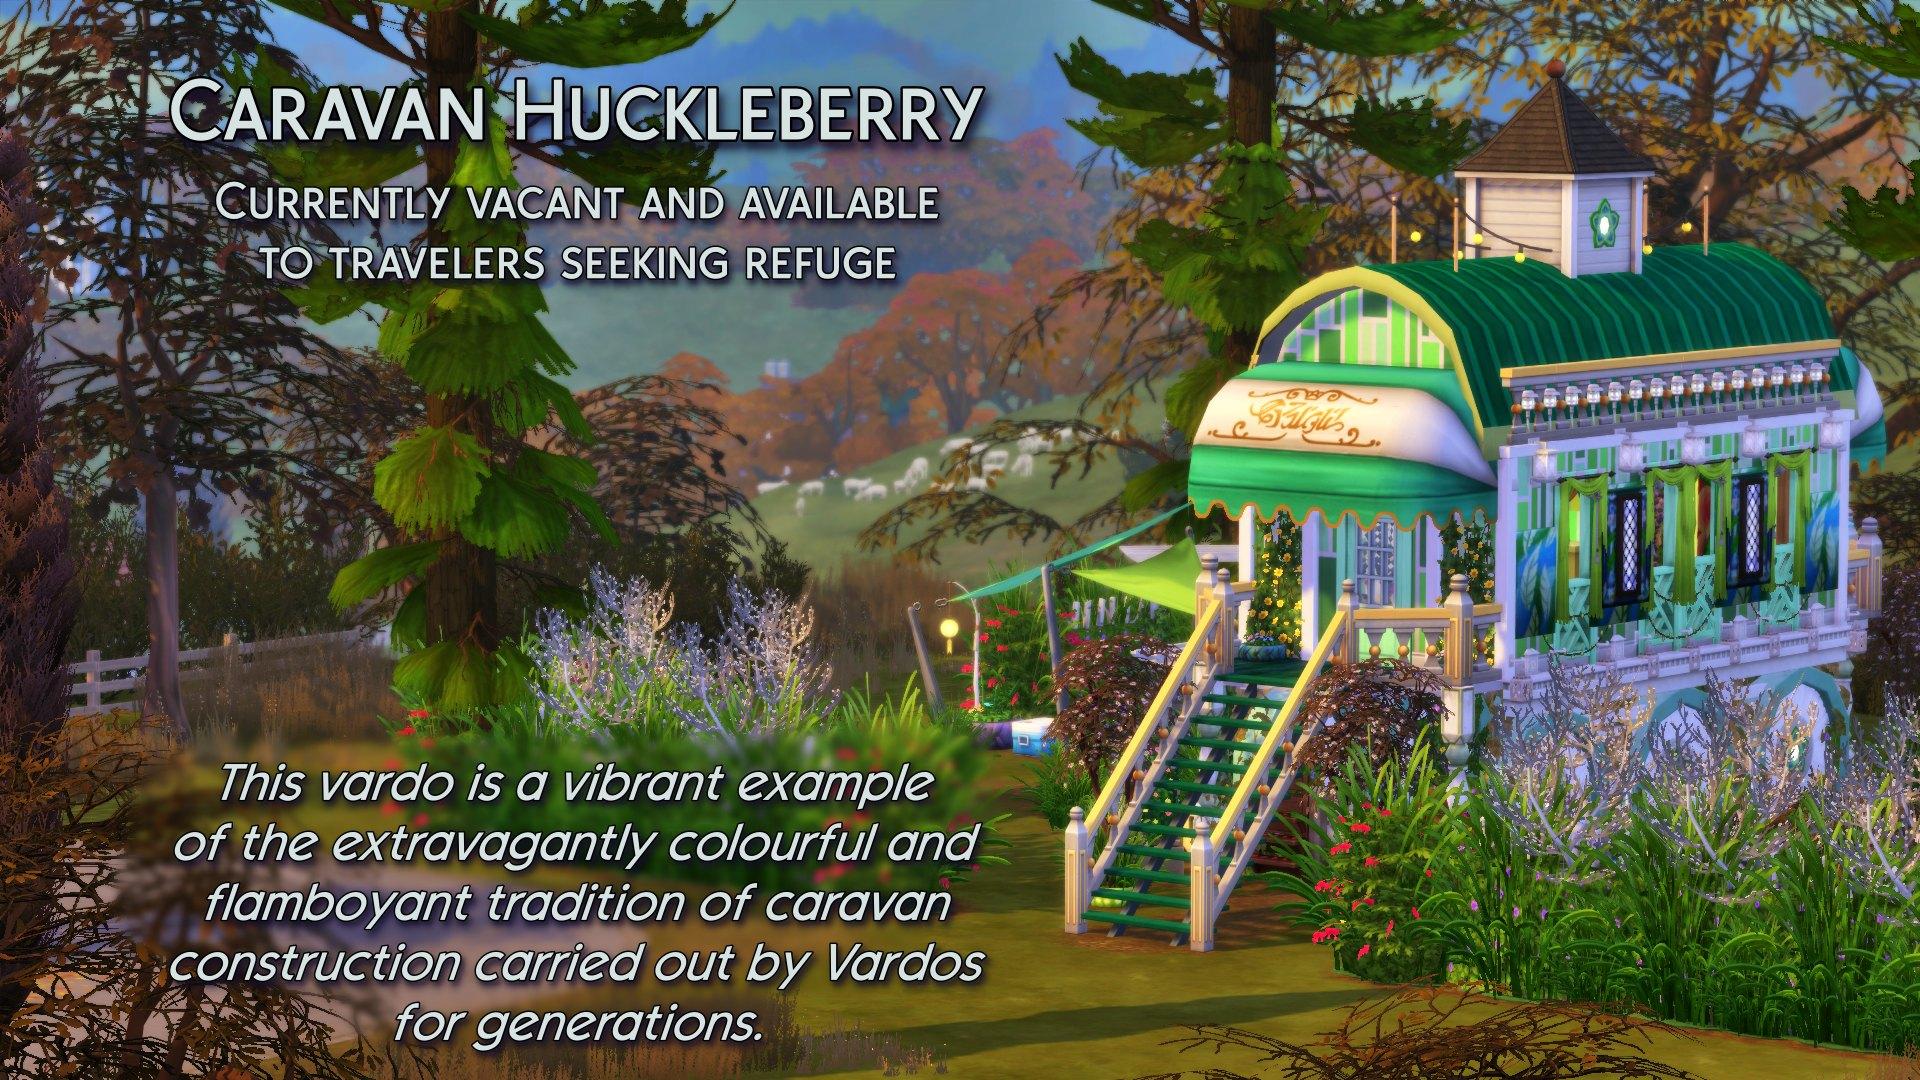 5 Caravan Huckleberry